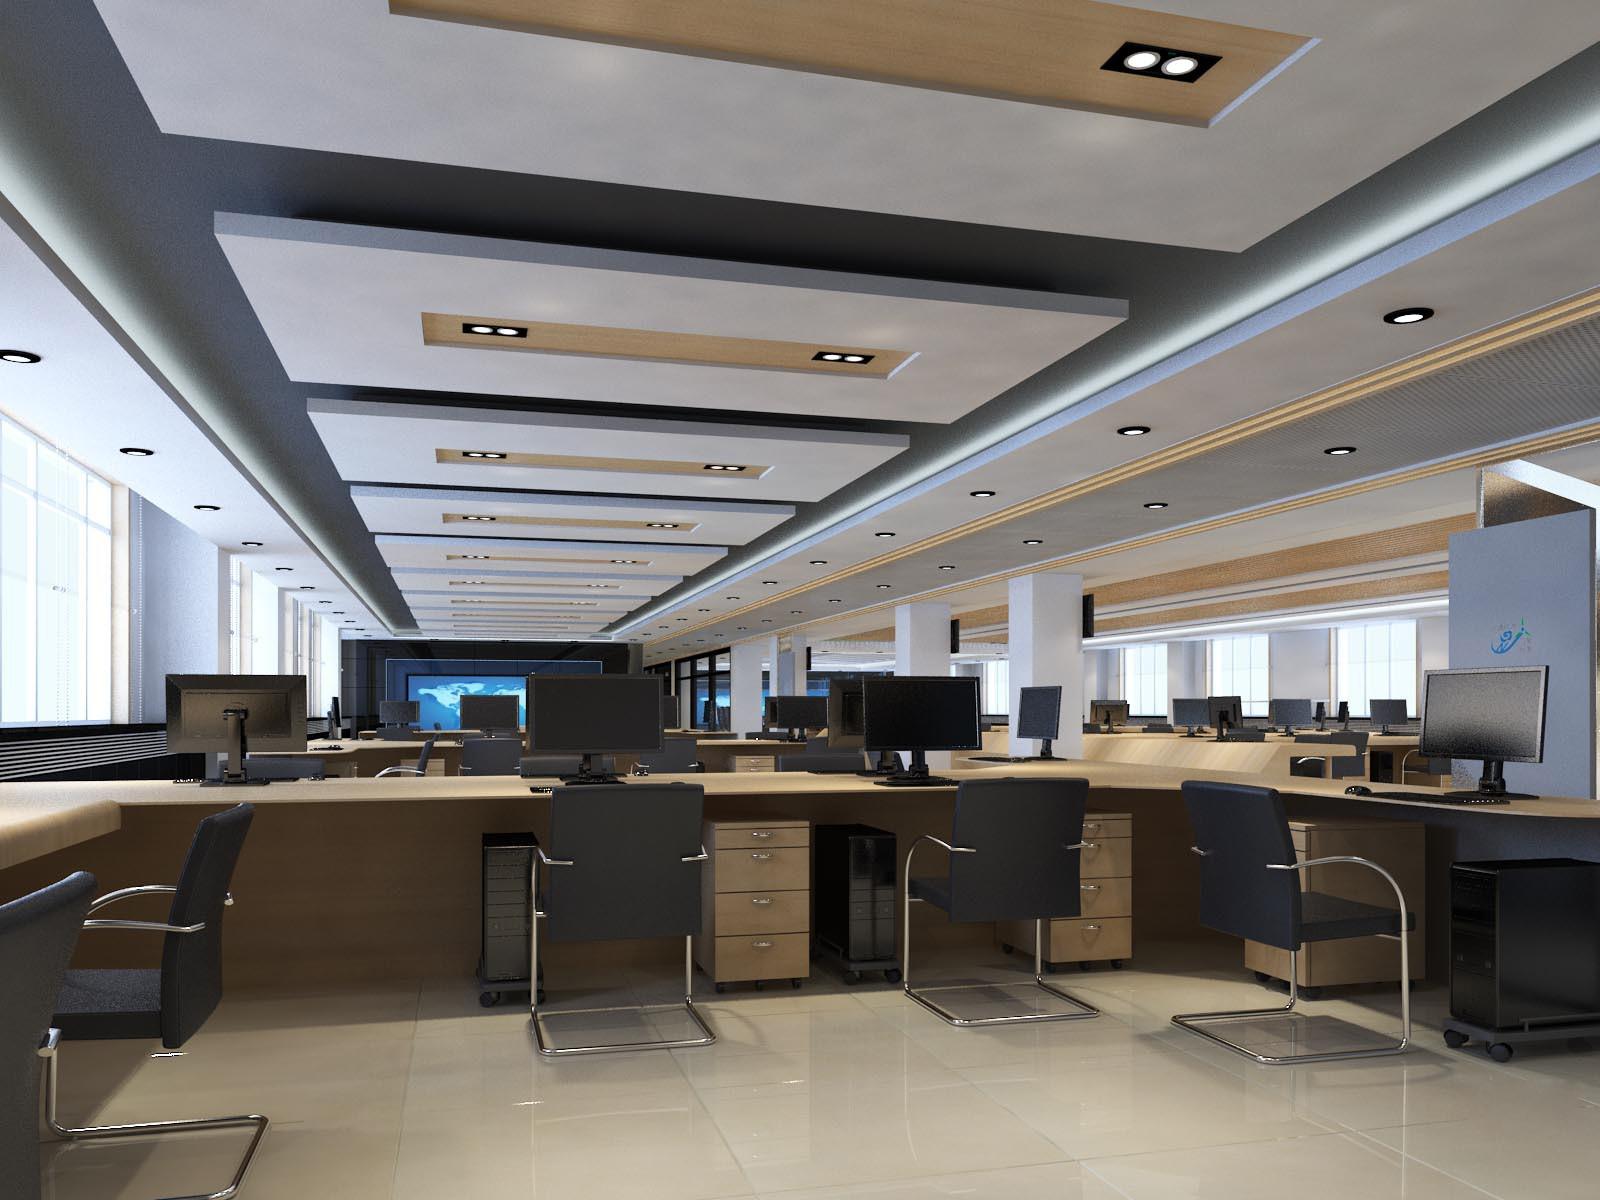 office room 3d model max   cgtrader